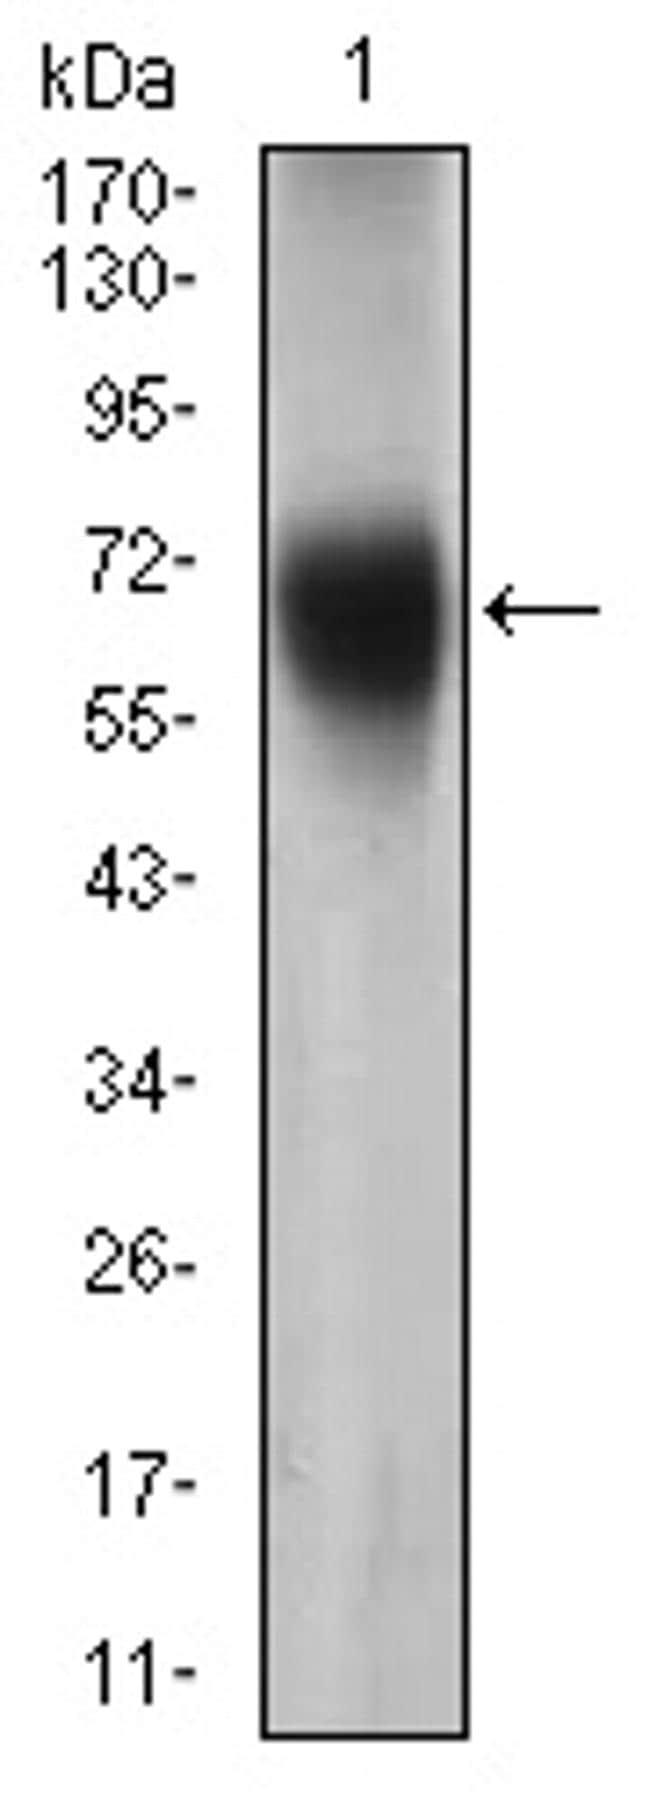 FUT4 Antibody in Western Blot (WB)